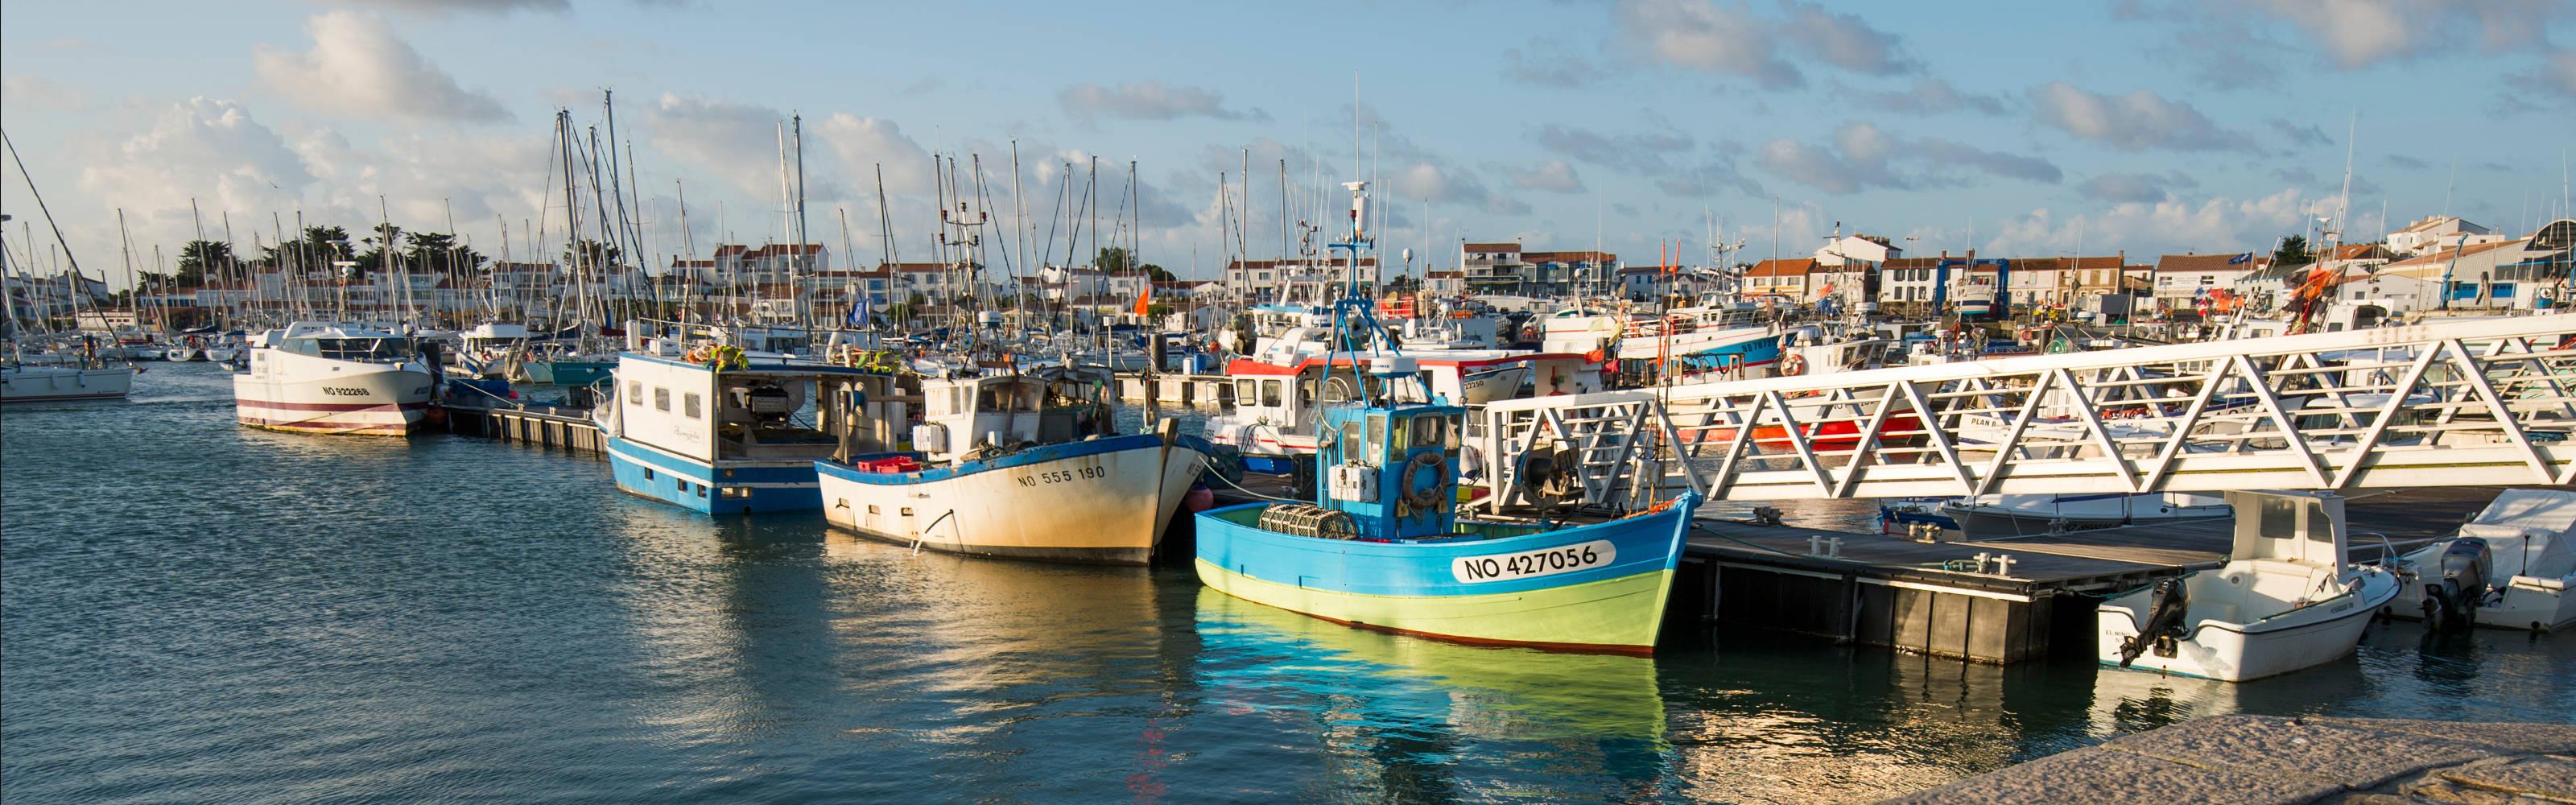 Le port de l 39 herbaudi re p che et plaisance noirmoutier - Office du tourisme ile de noirmoutier ...